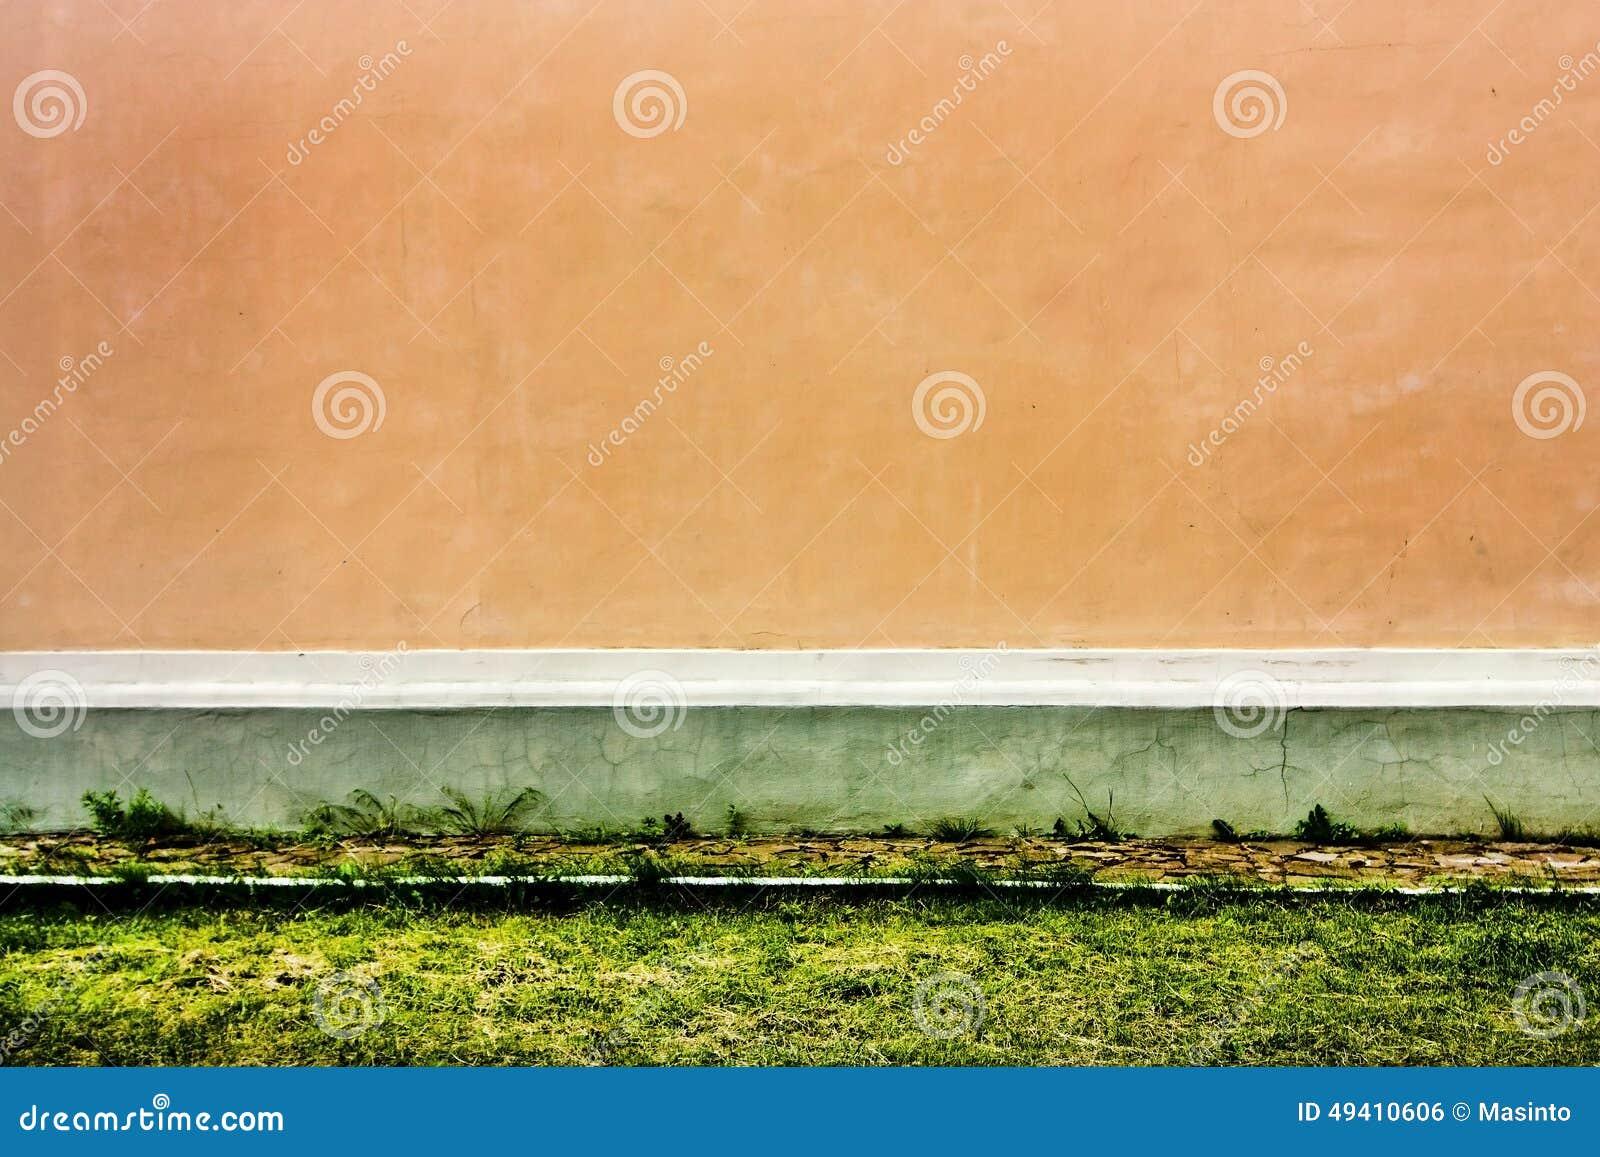 Download Leere Wand stockfoto. Bild von konkret, schmutzig, leer - 49410606